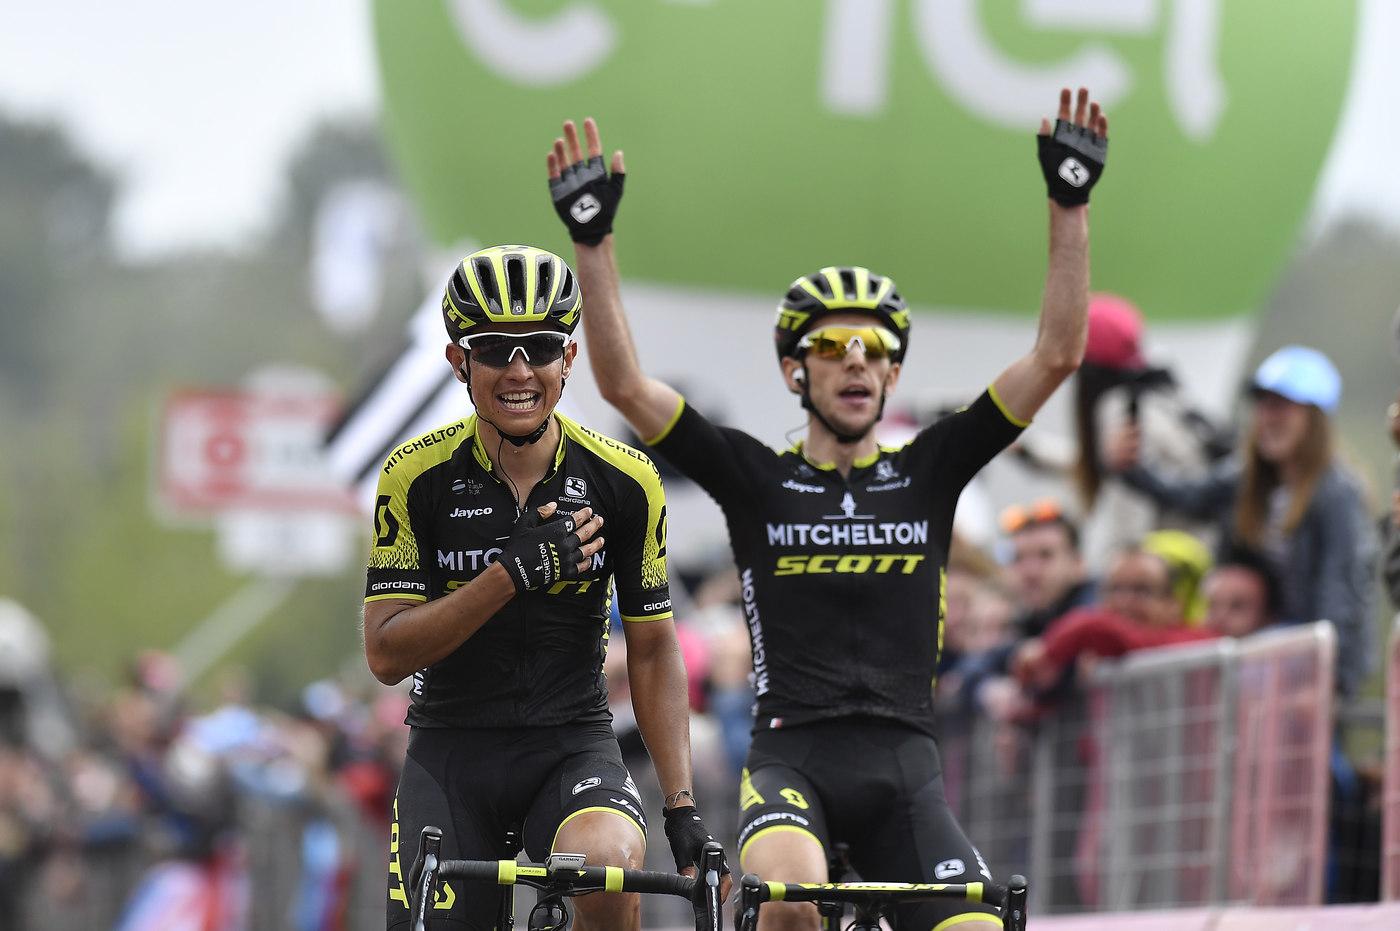 Giro d'Italia 2018 favoriti tappa 8: spazio per i fuggitivi a Mercogliano?